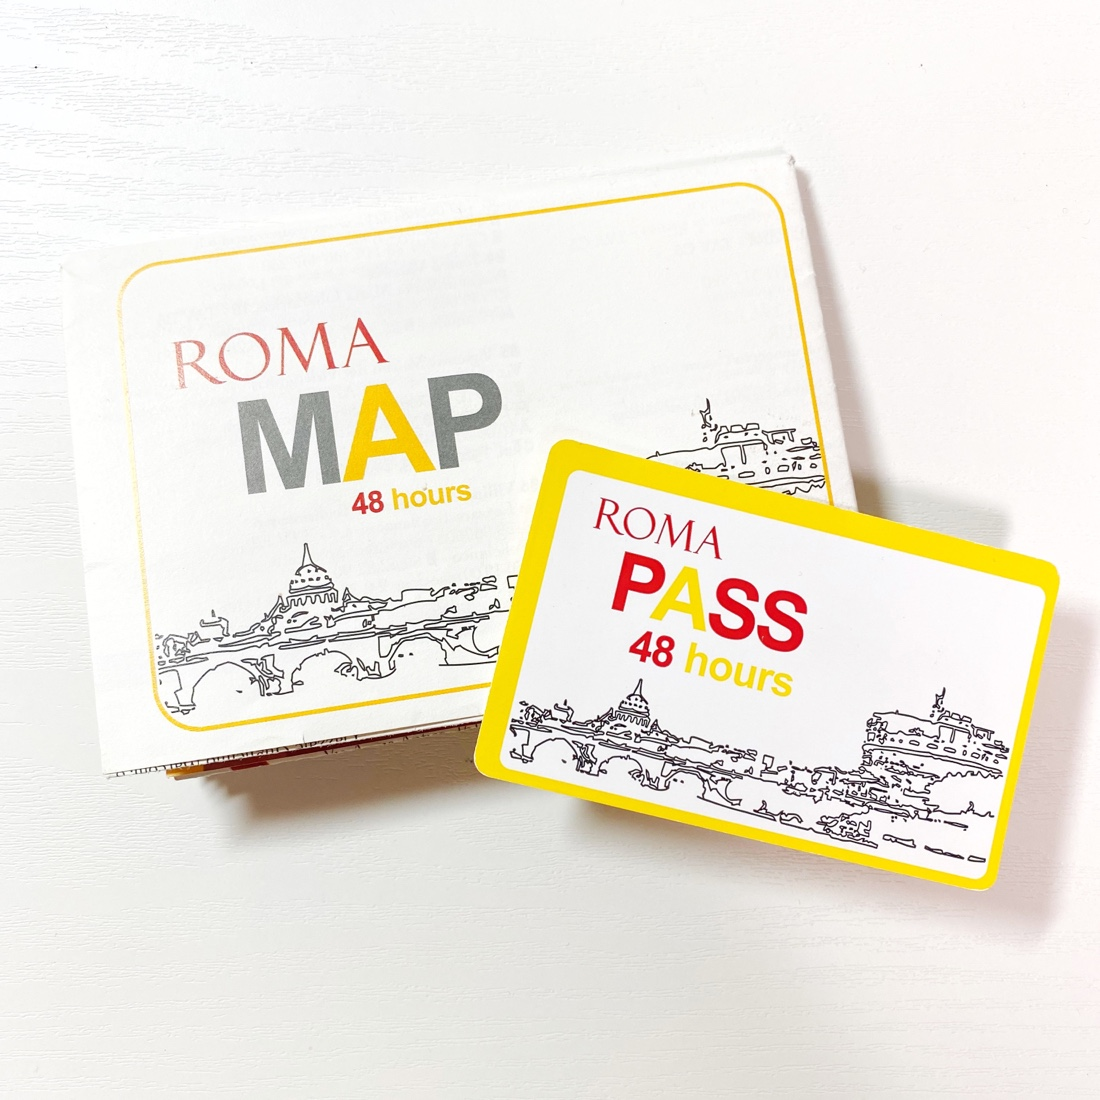 ローマ観光におすすめのローマパスと付属のマップ